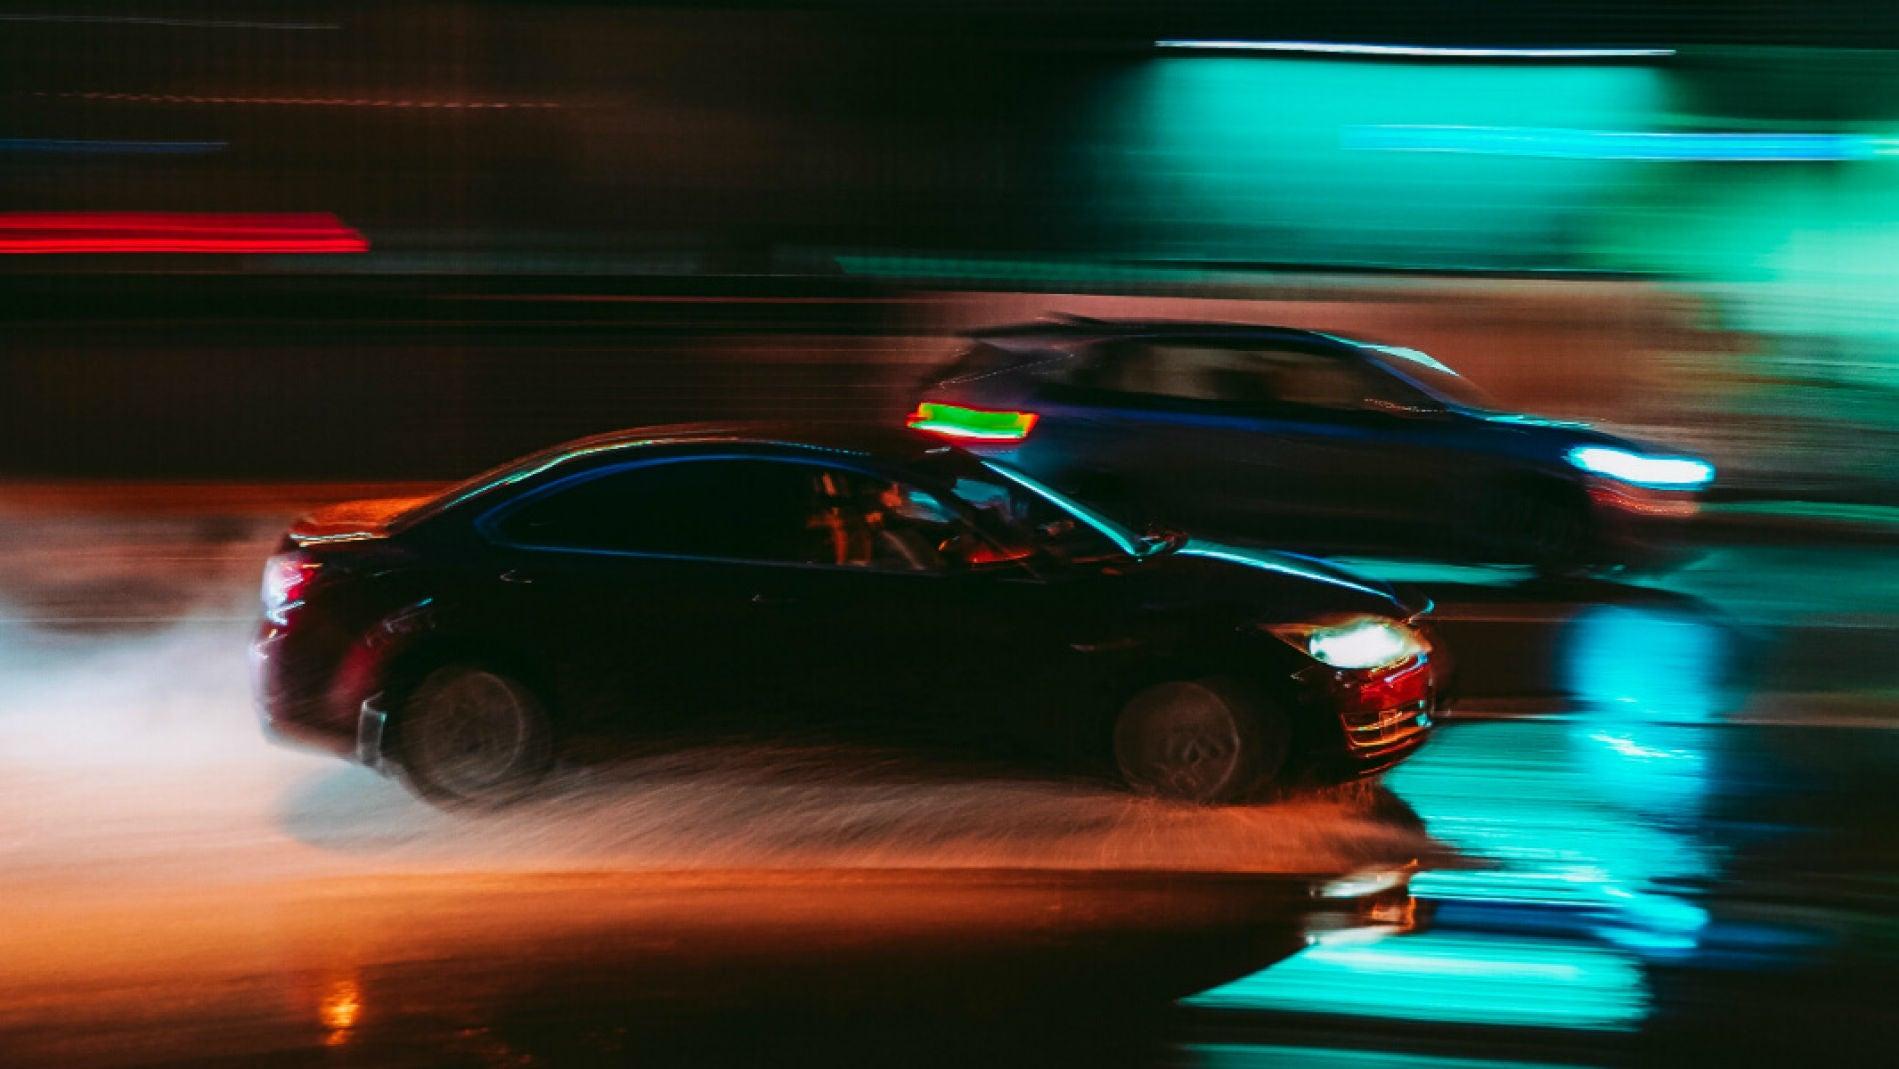 La menor visibilidad no ayuda a que se vean los coches oscuros en invierno